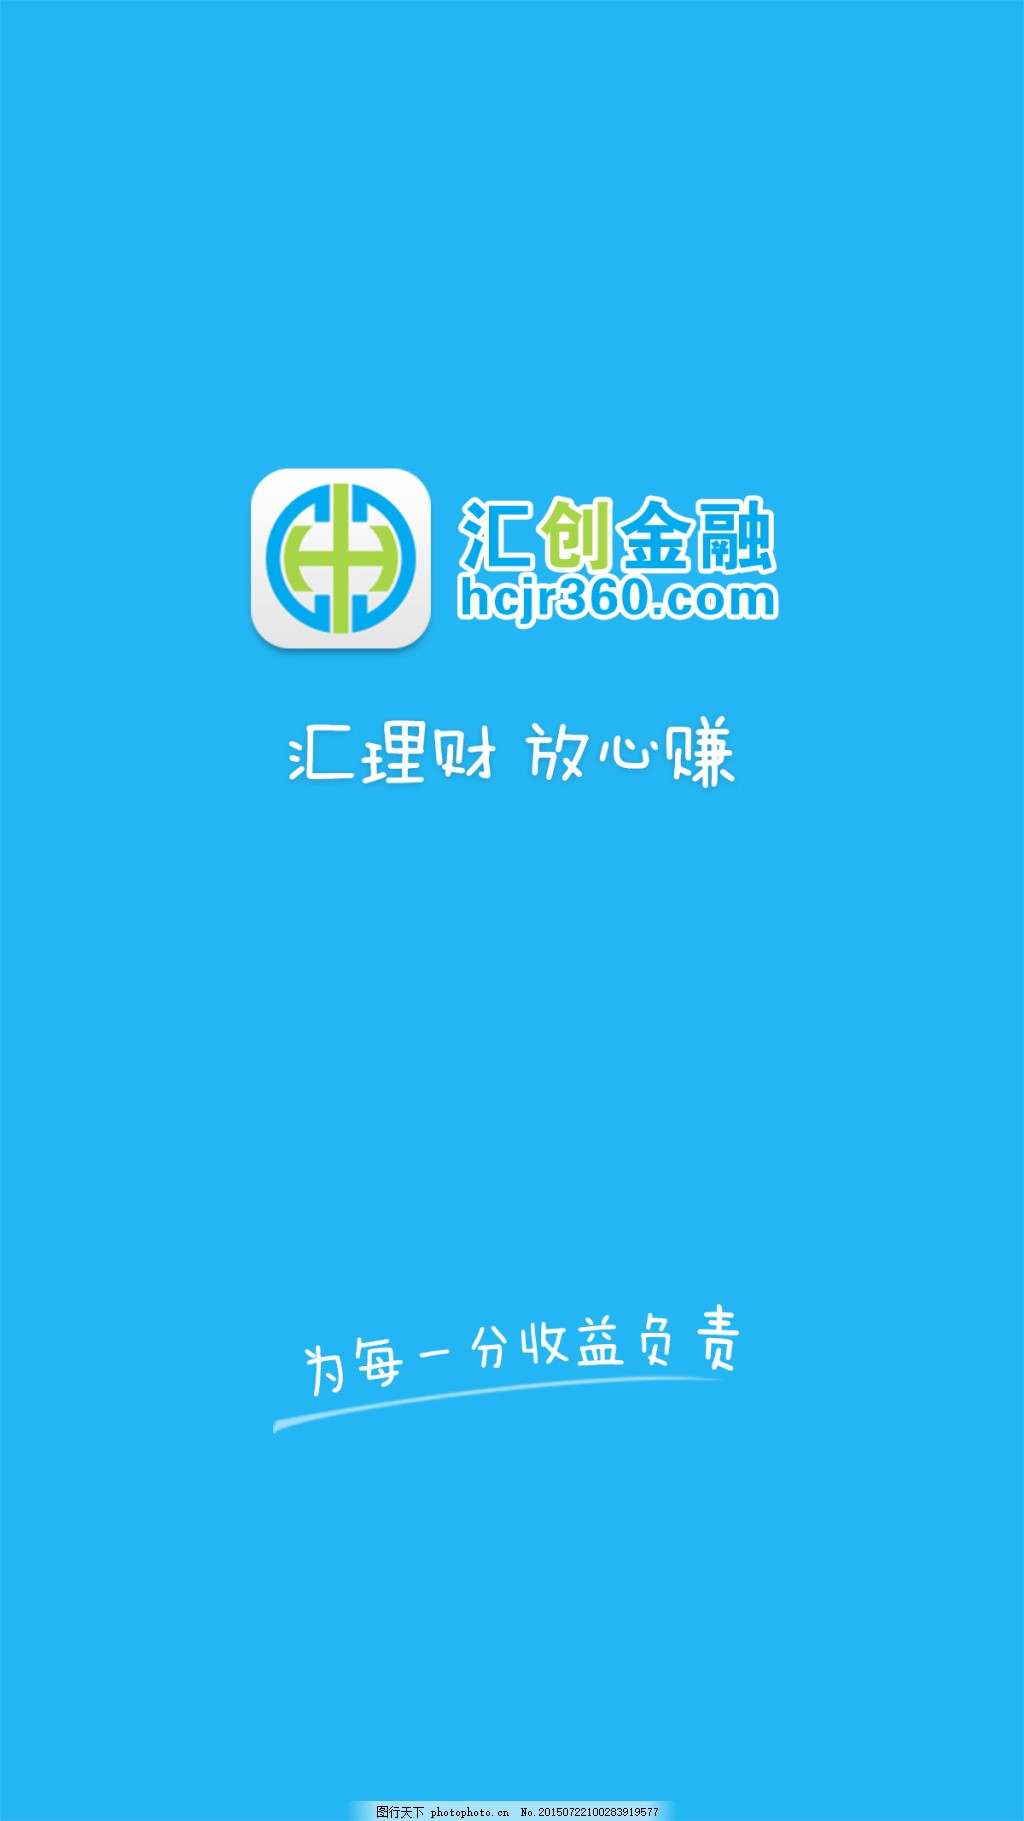 http://img.25pp.com/uploadfile/app/icon/20160101/1451652166893696.jpg_app欢迎页